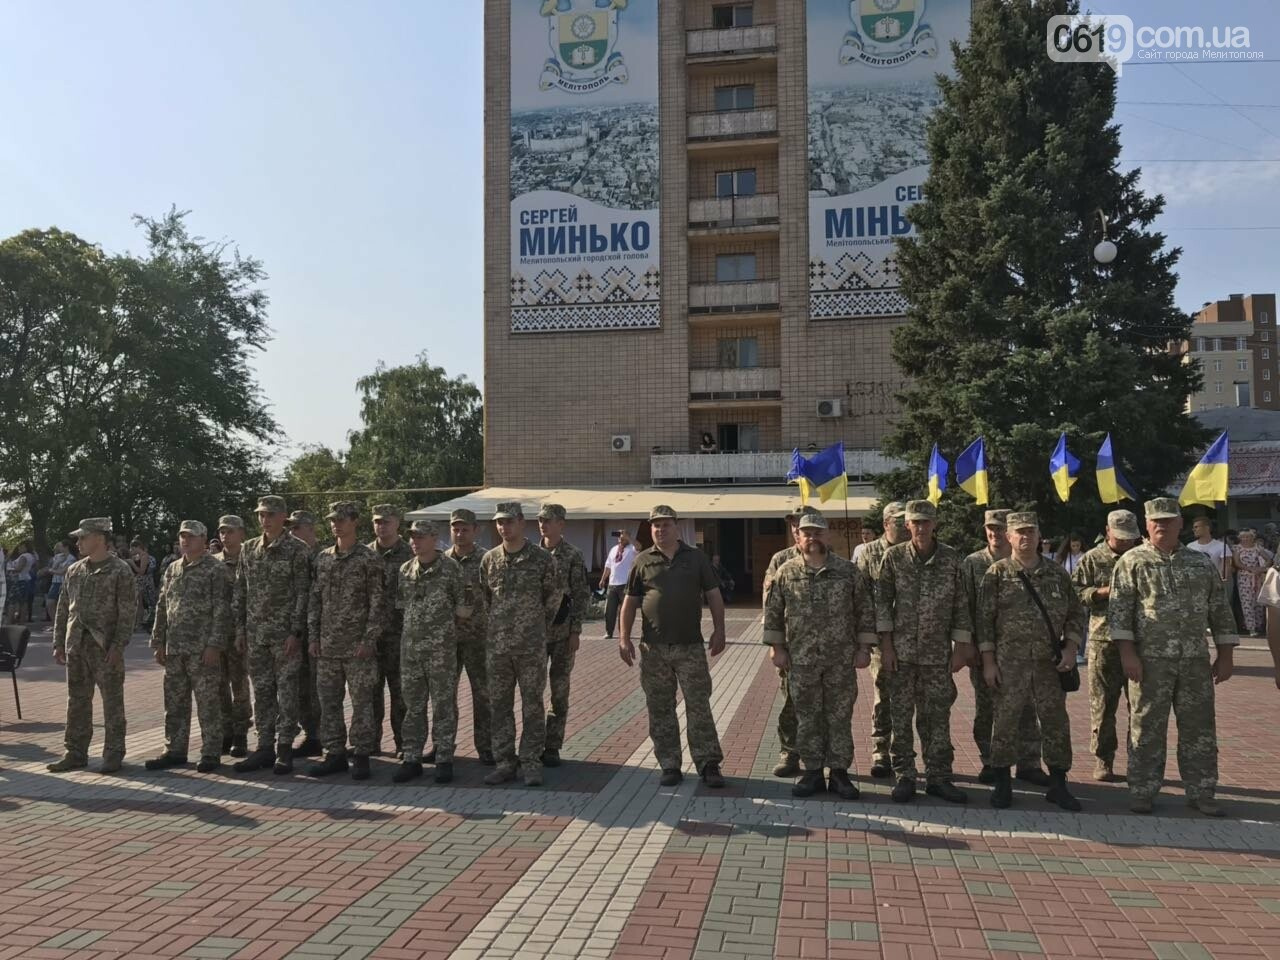 Мелитопольцы отметили День Государственного флага Украины, фото-8